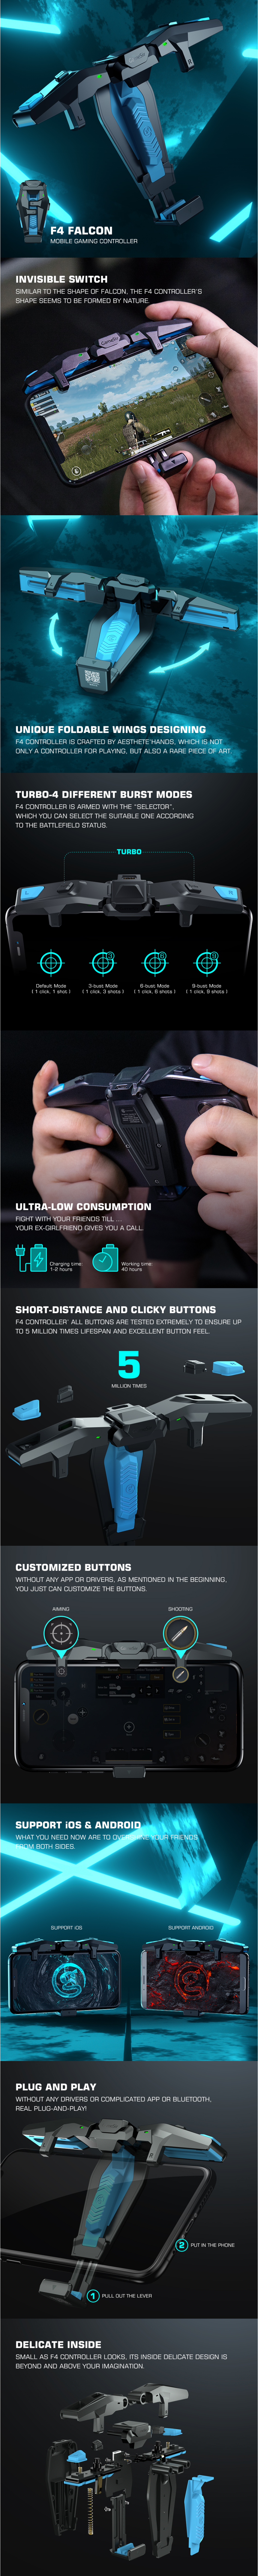 Мобильный игровой контроллер GameSir F4 Falcon